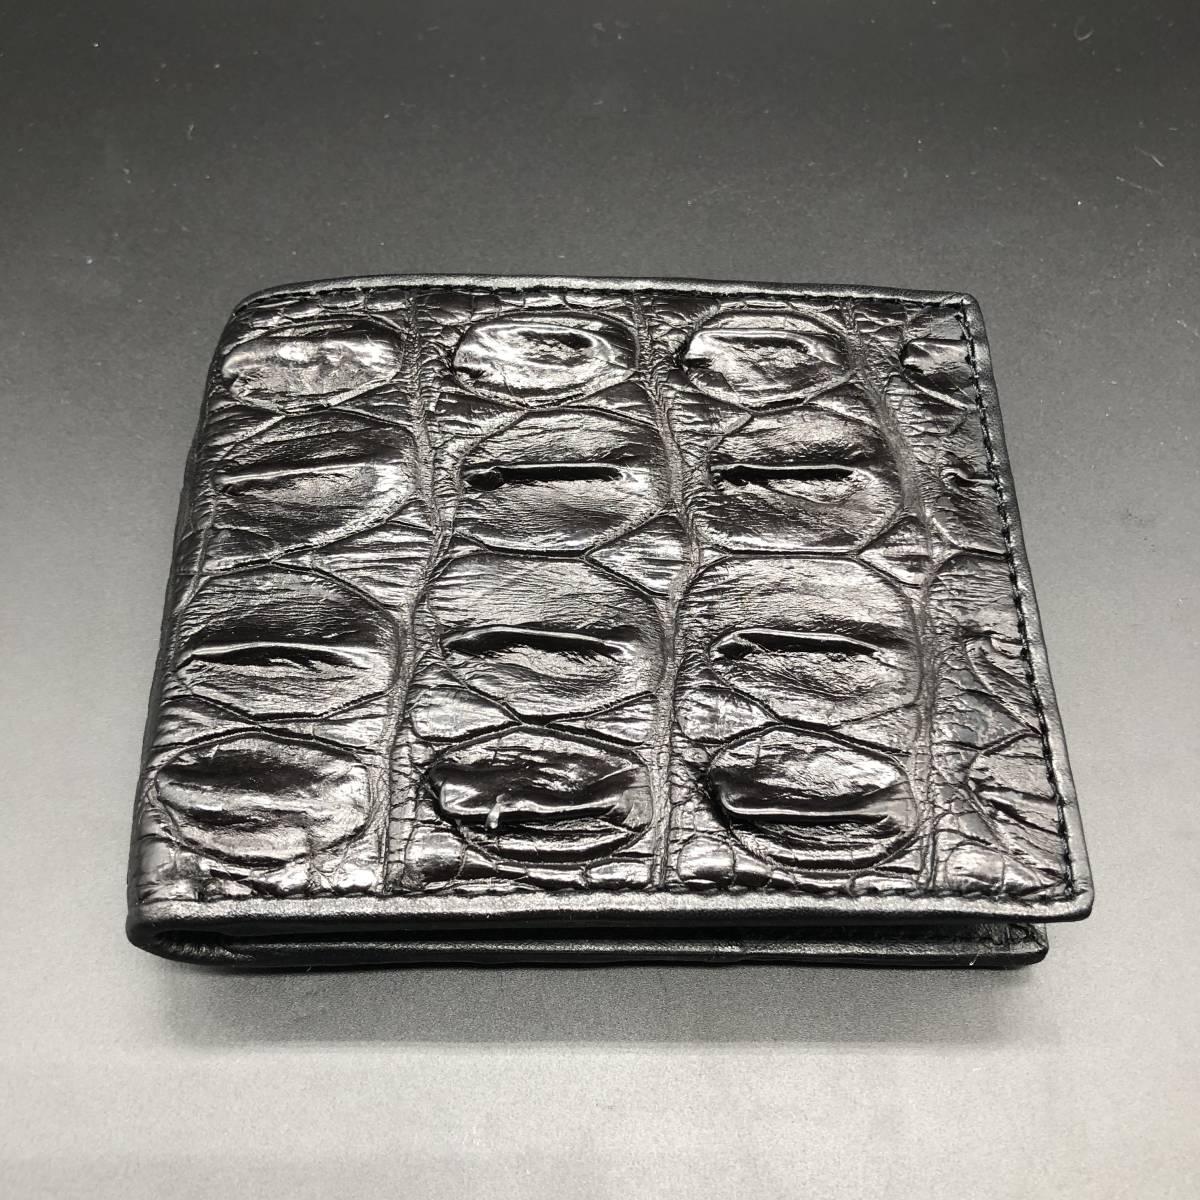 ■新品■ ◆ハンドメイド◆ 二つ折り財布 クロコダイル(背部分使用 )★海外工房店制作★ Ⅱ_画像4